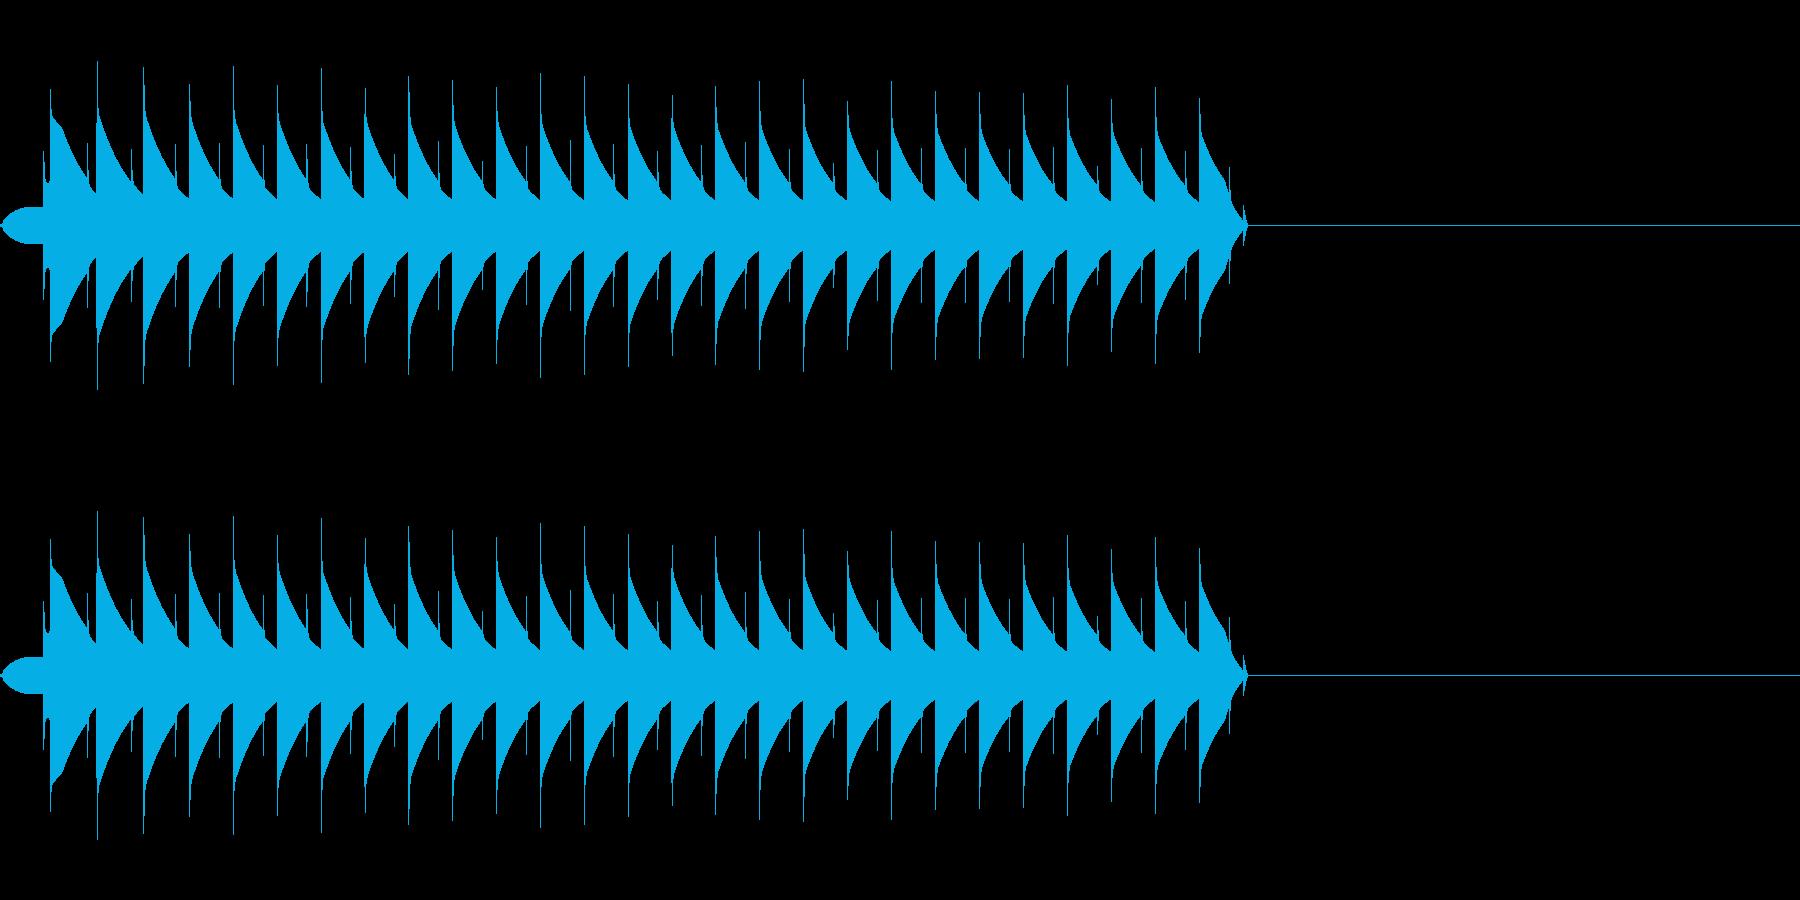 ブー(ミス、エラー、失敗、ファミコンの再生済みの波形